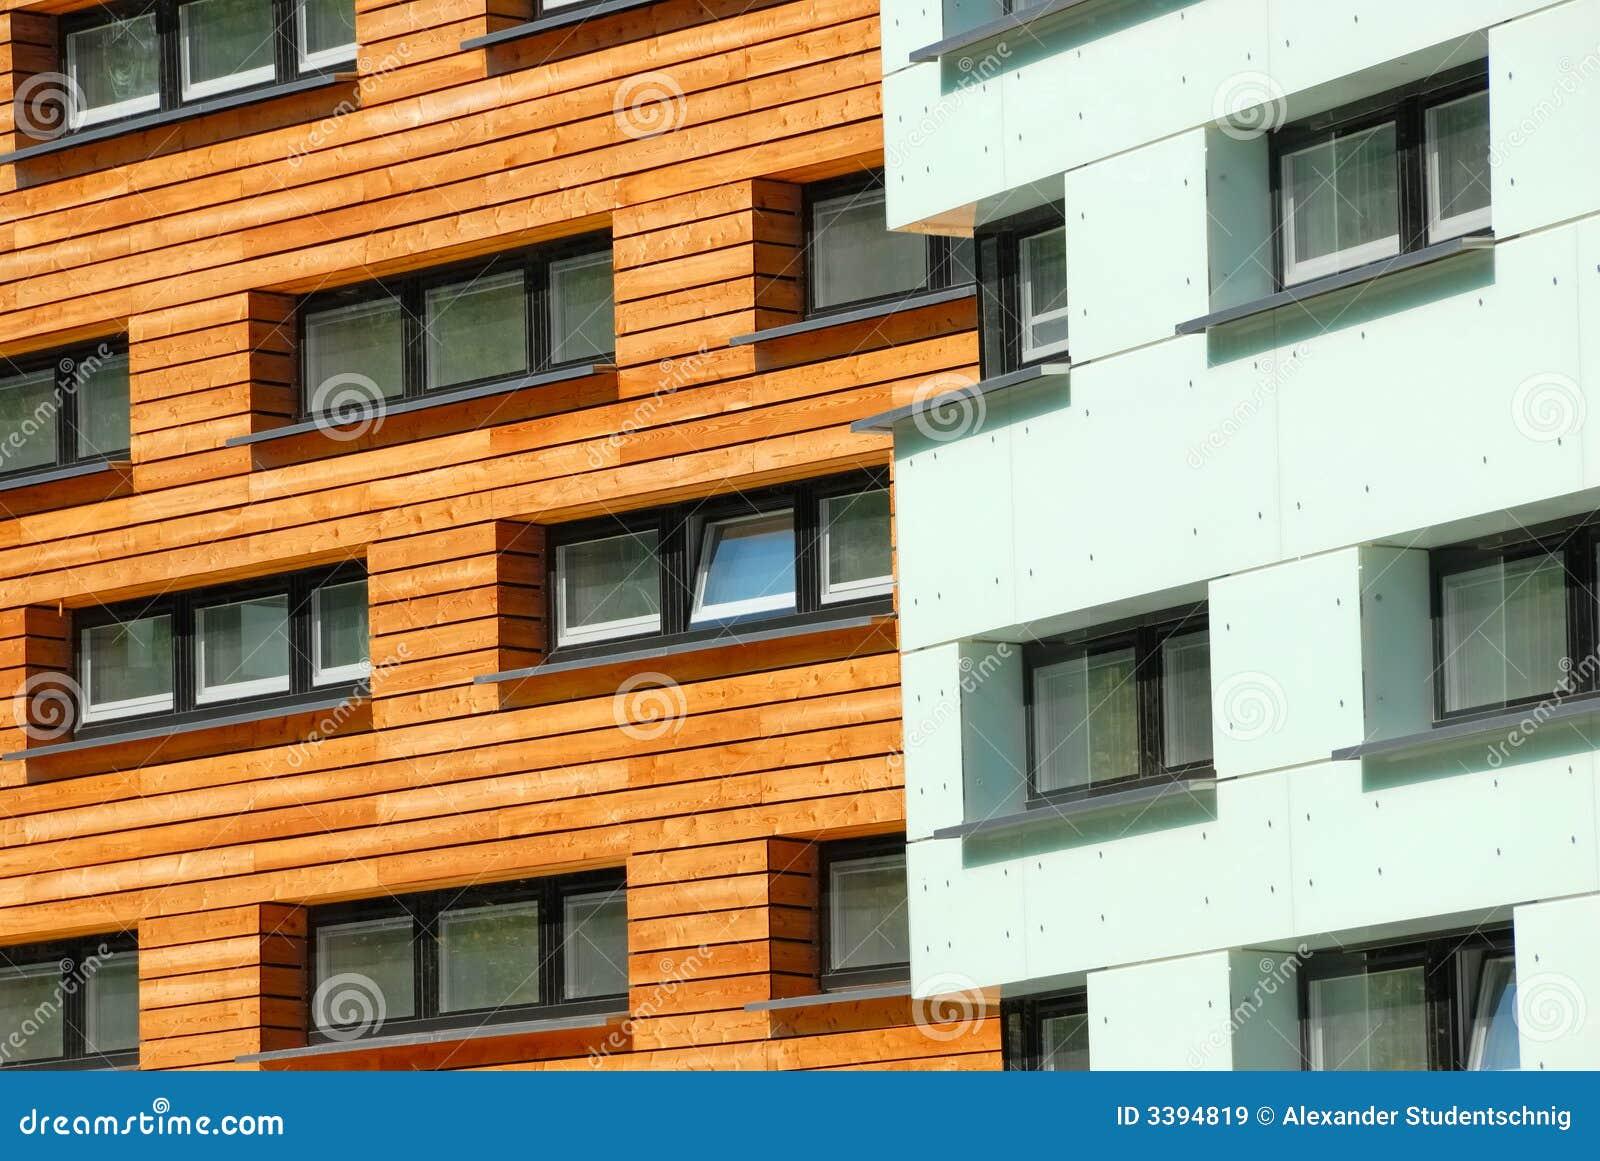 Facciate moderne no 2 immagine stock immagine di citt for Facciate moderne